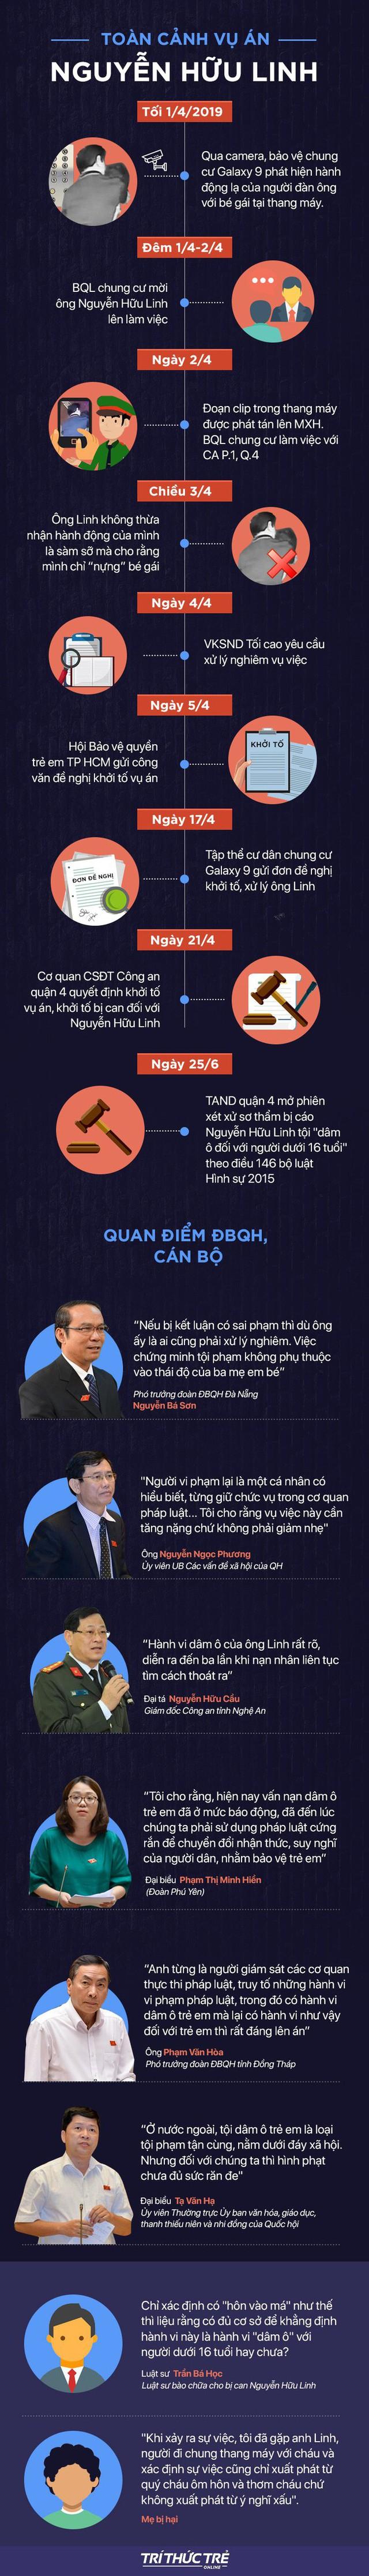 [Infographic] Vụ án Nguyễn Hữu Linh ôm, hôn bé gái 3 lần trong thang máy - Ảnh 1.